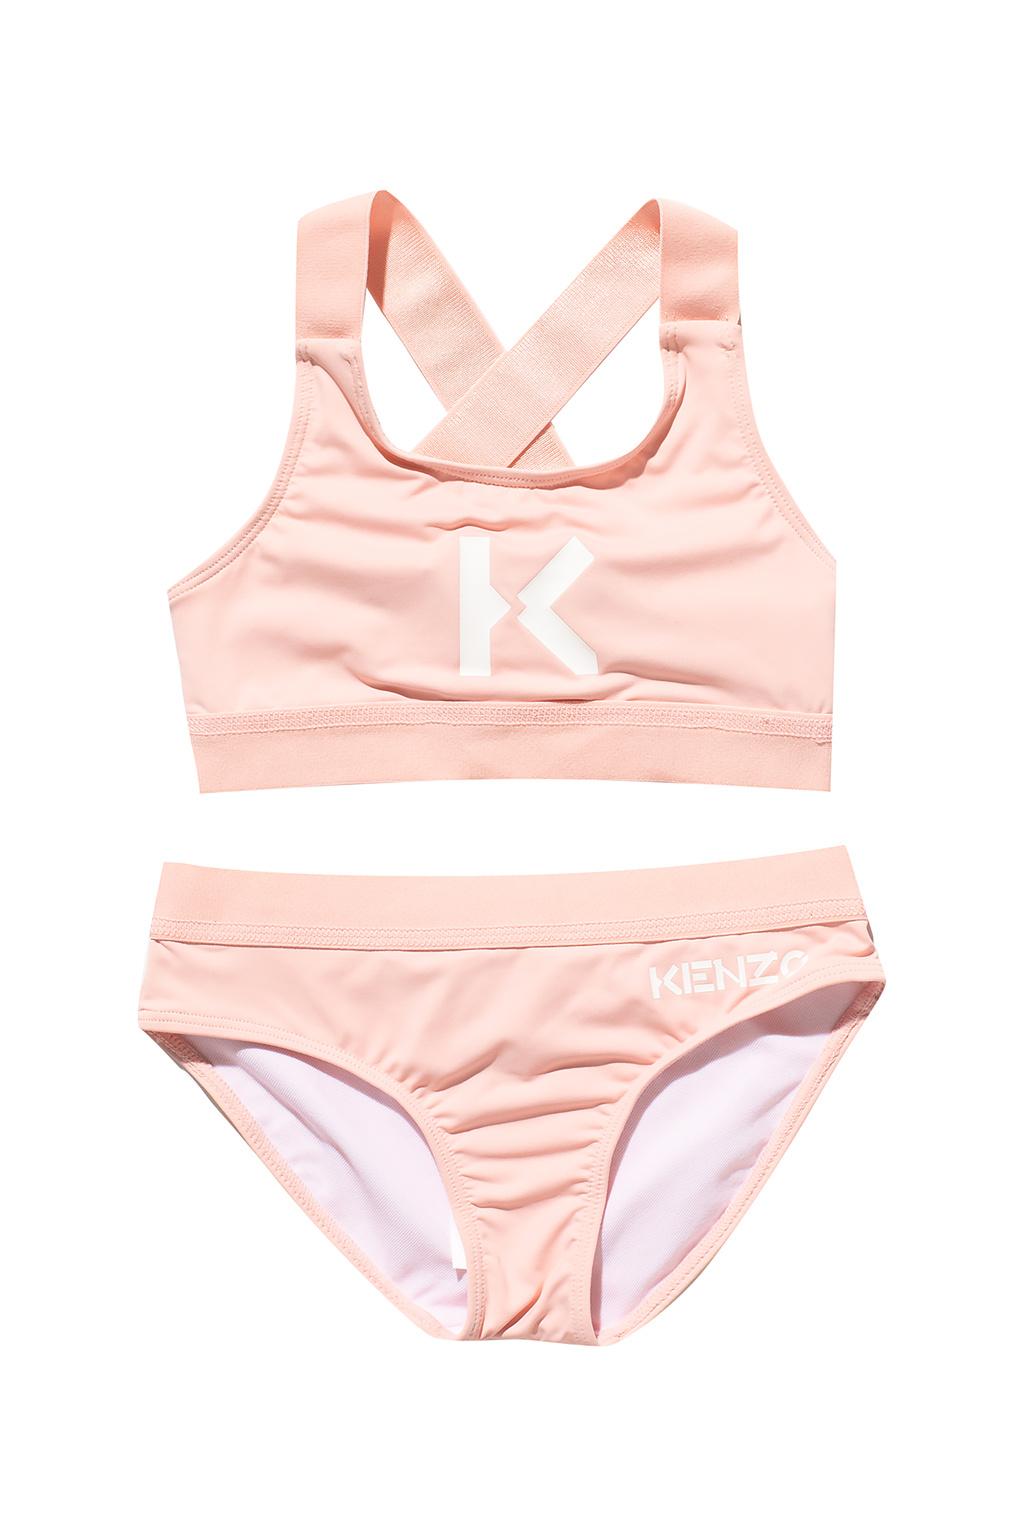 Kenzo Kids Two-piece swimsuit with logo